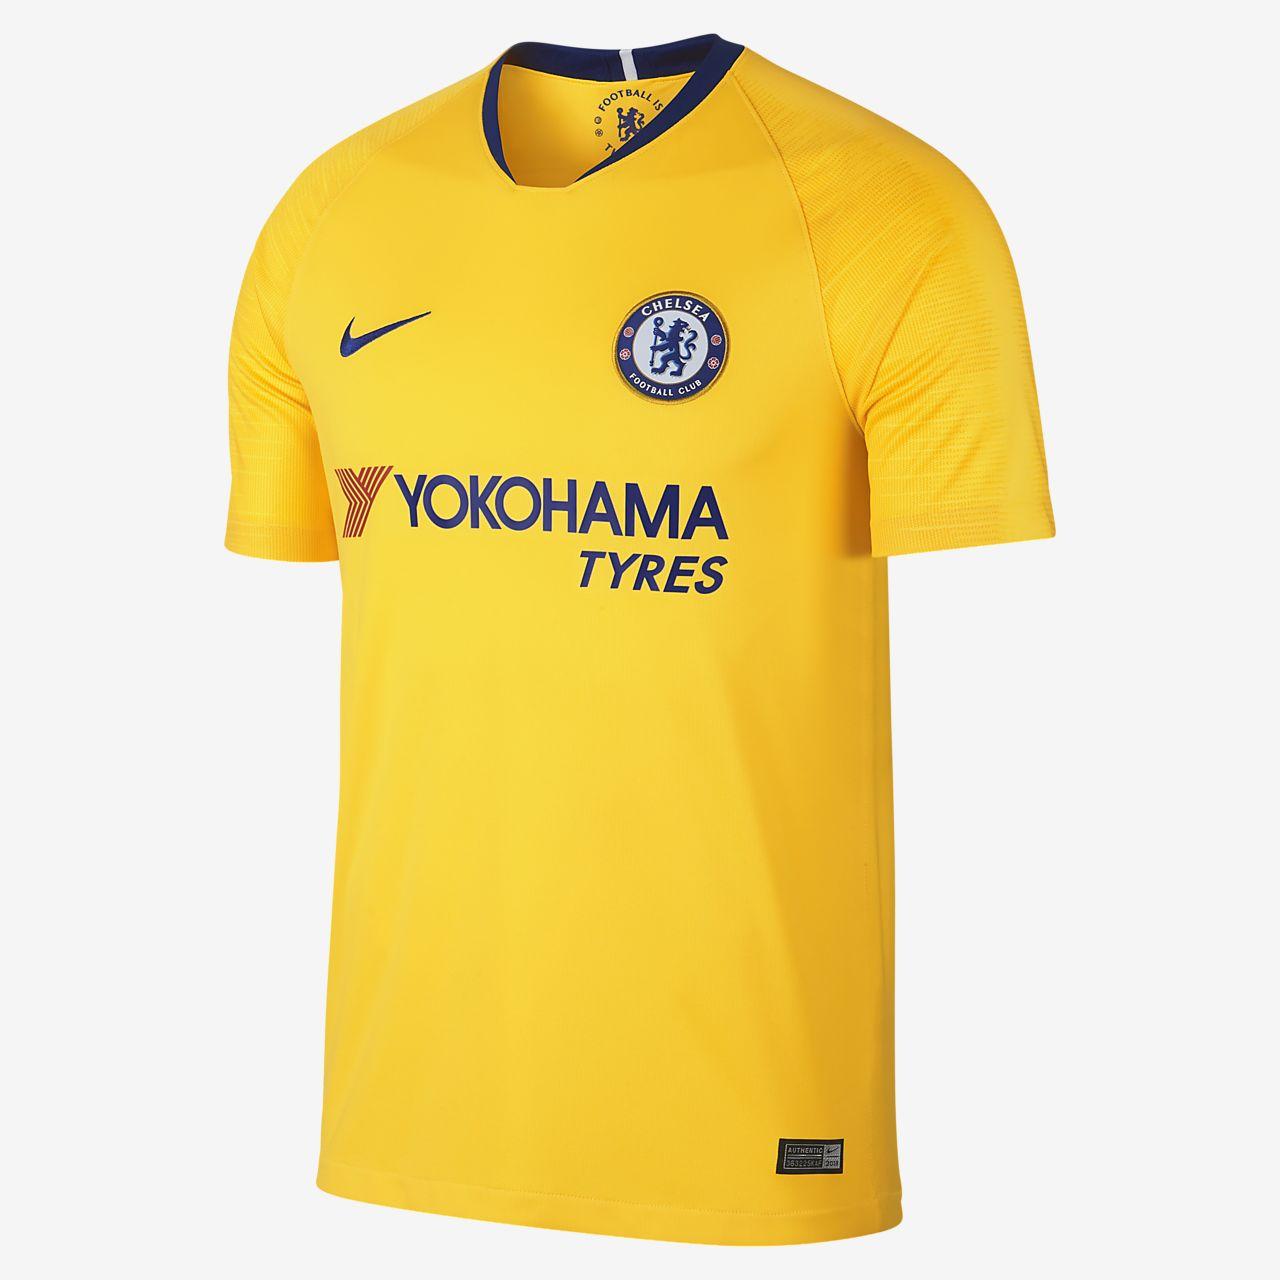 2018 19 Chelsea FC Stadium Away Men s Soccer Jersey. Nike.com 46c9017b3e8e5